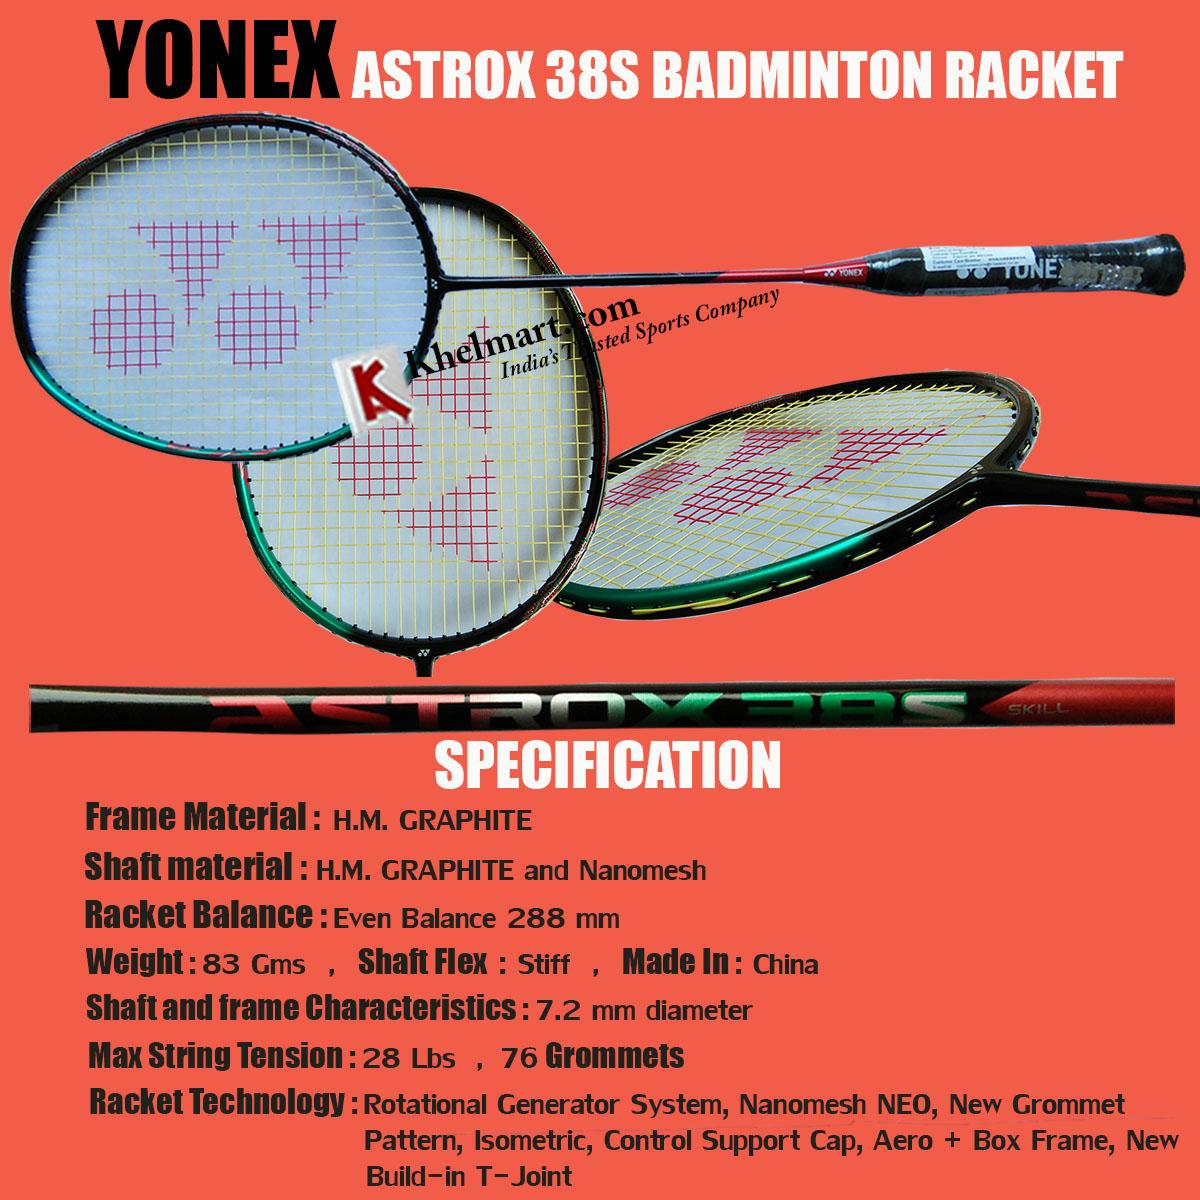 YONEX_ASTROX_38_S_BADMINTON_RACKET